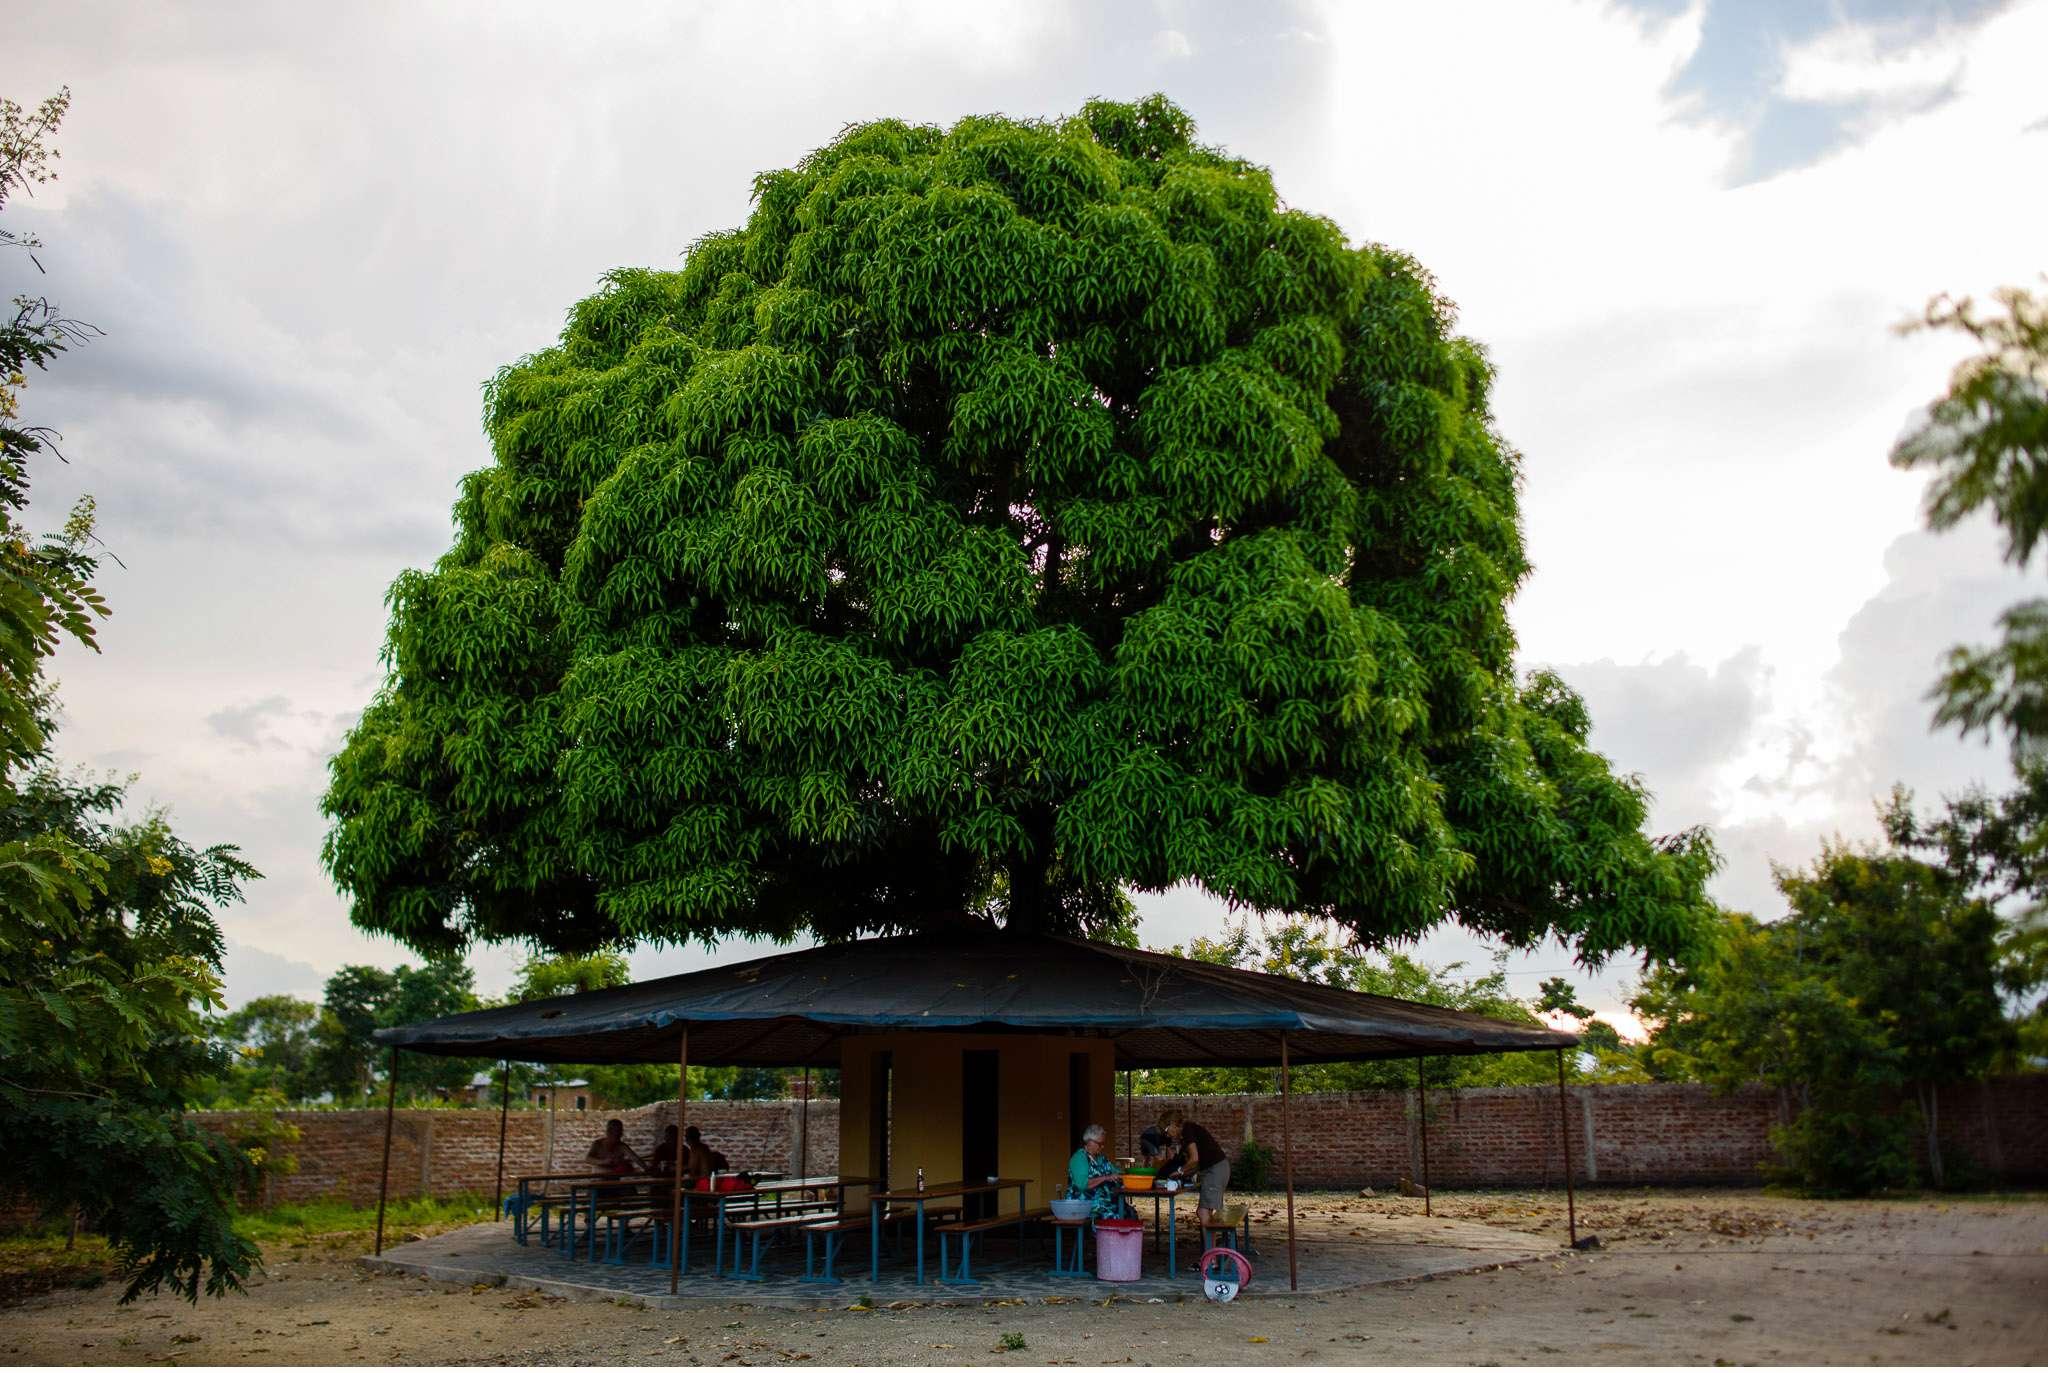 Malawi-Quer durch Afrika- Geschichten von unterwegs by Marion and Daniel-123